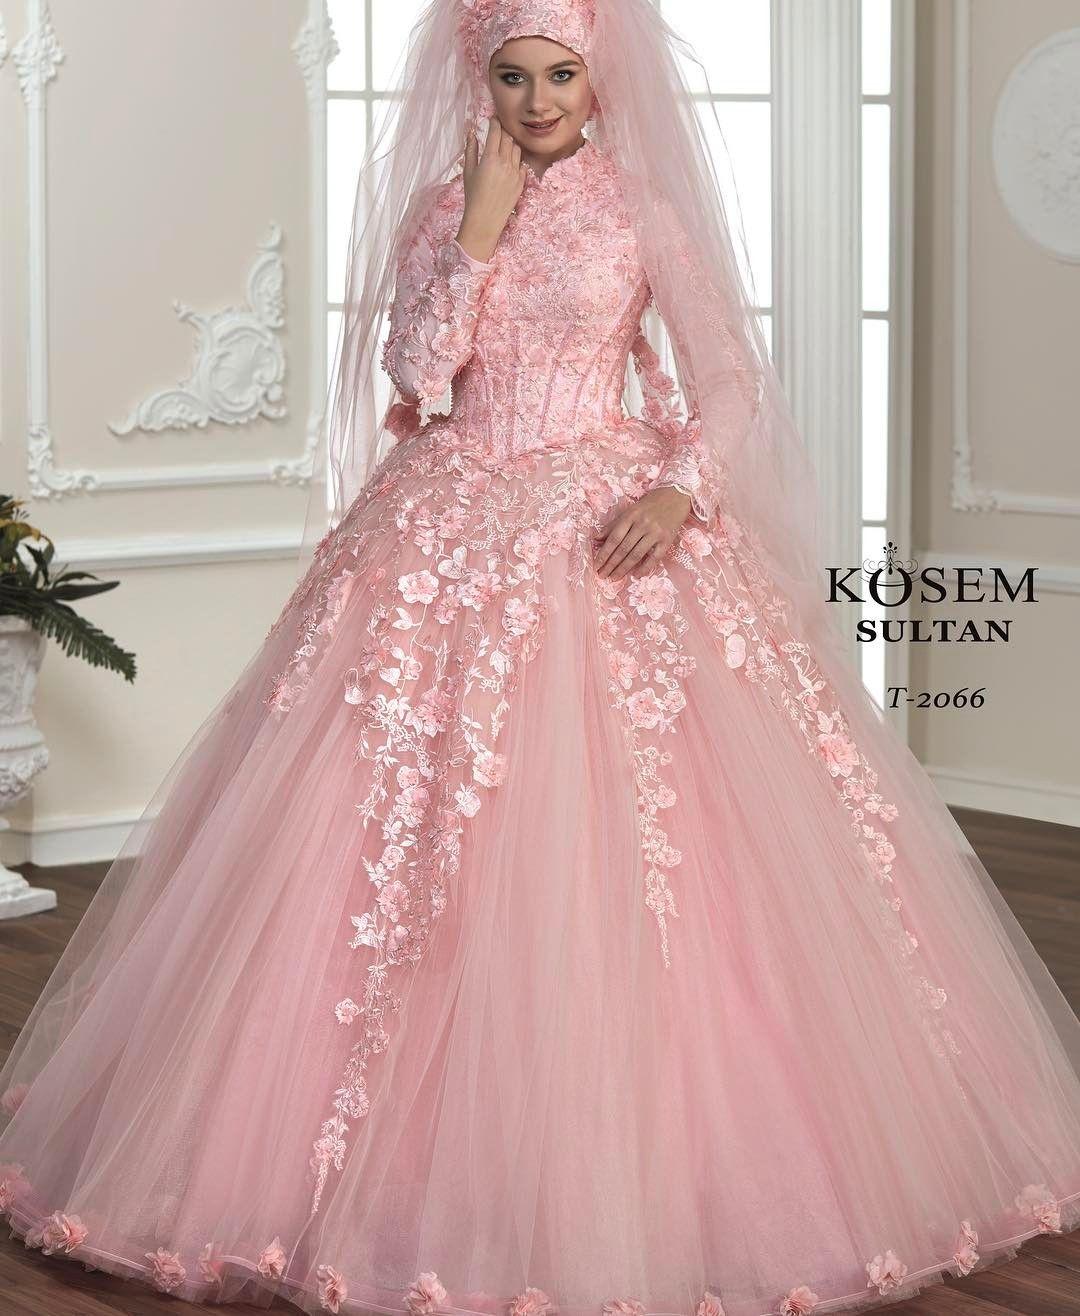 Gokhan Gulmez Adli Kullanicinin Muslim Wedding Dresses Panosundaki Pin Moda Stilleri Elbise Balo Elbisesi